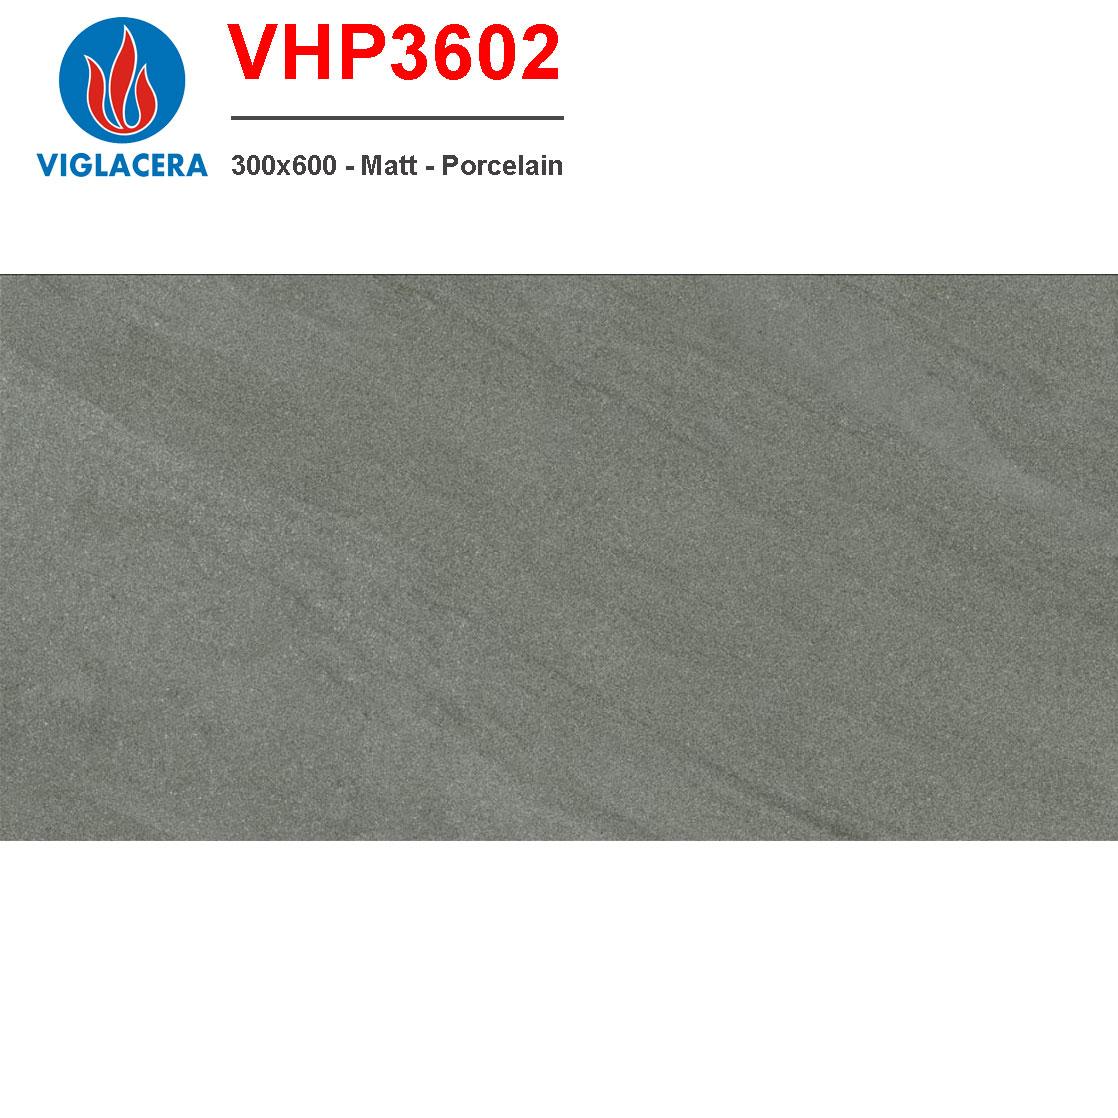 Gạch ốp 300x600 Viglacera VHP3602 giá rẻ